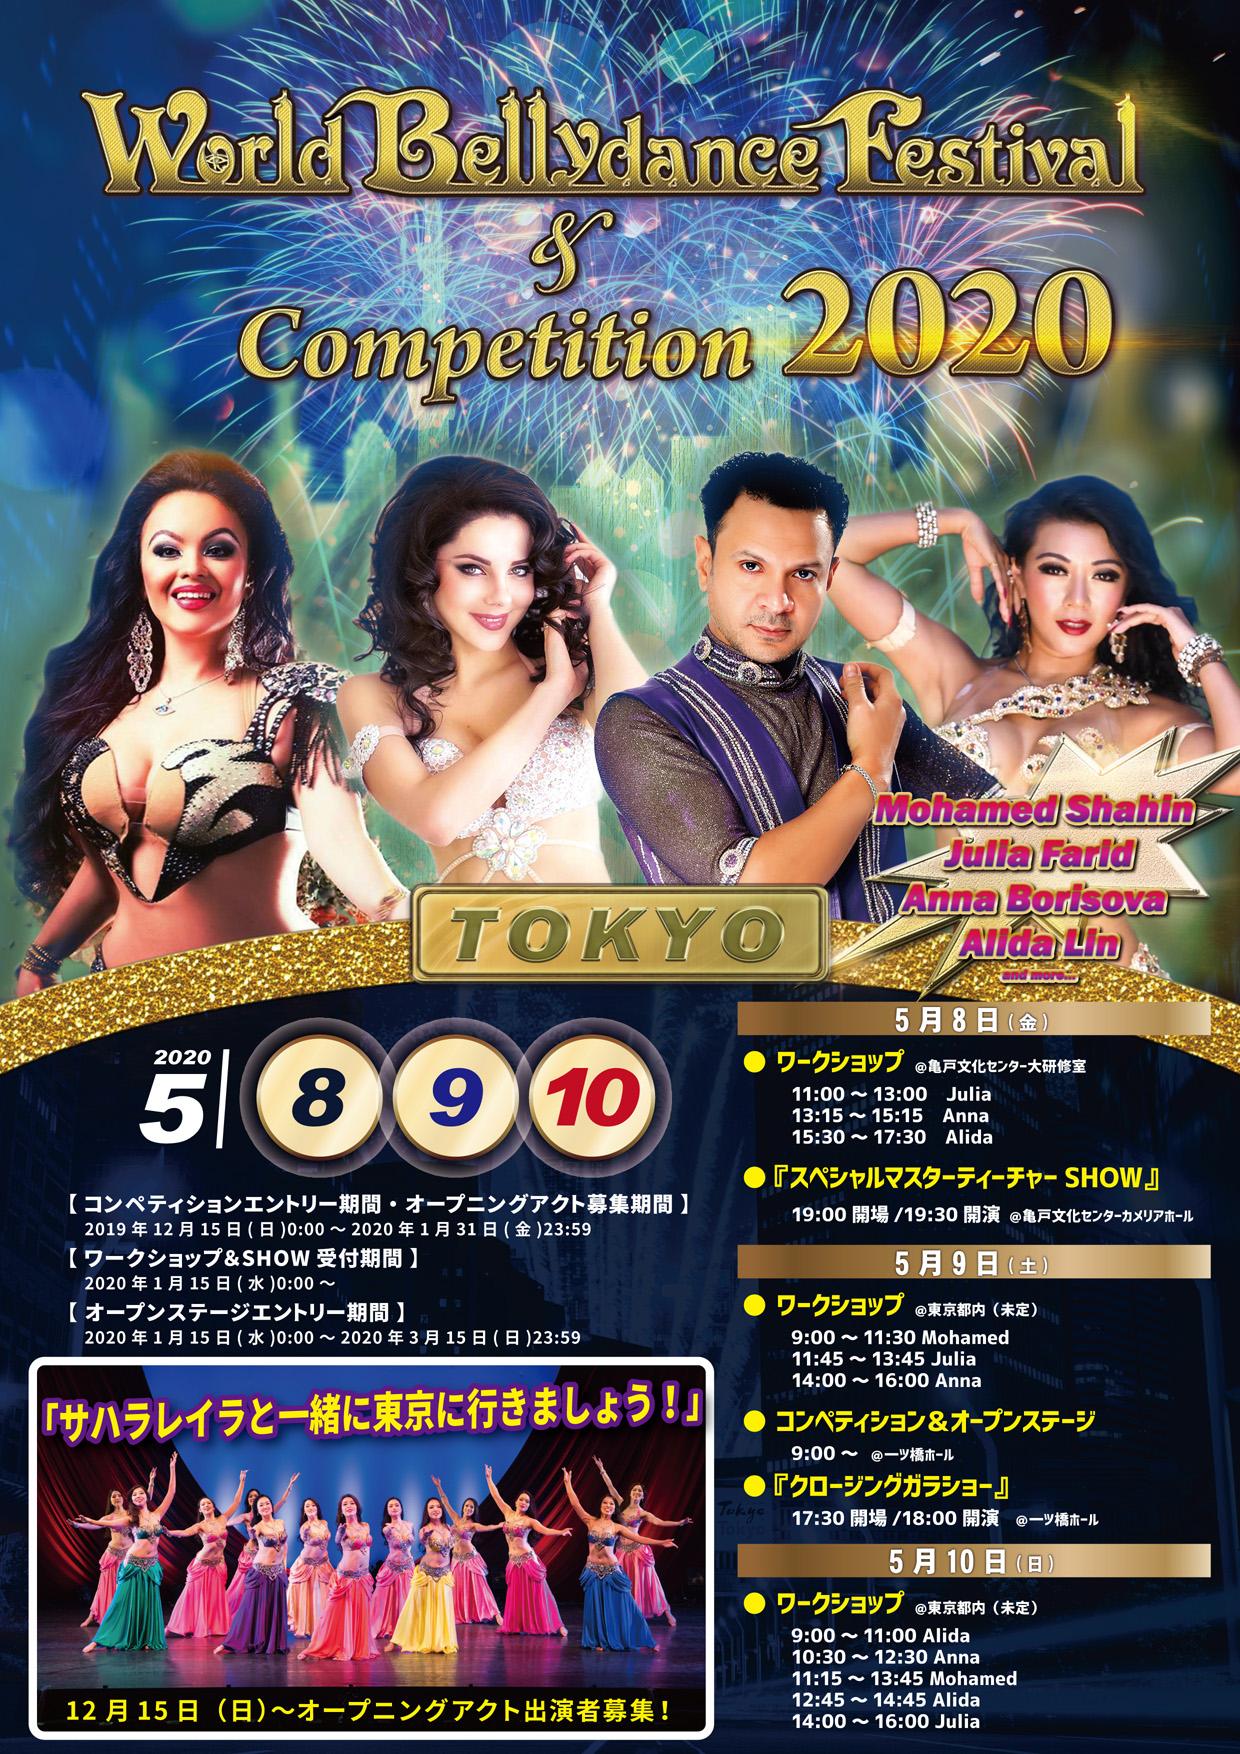 帰ってきた!ワールドベリーダンスフェスティバル&コンペティション2020!